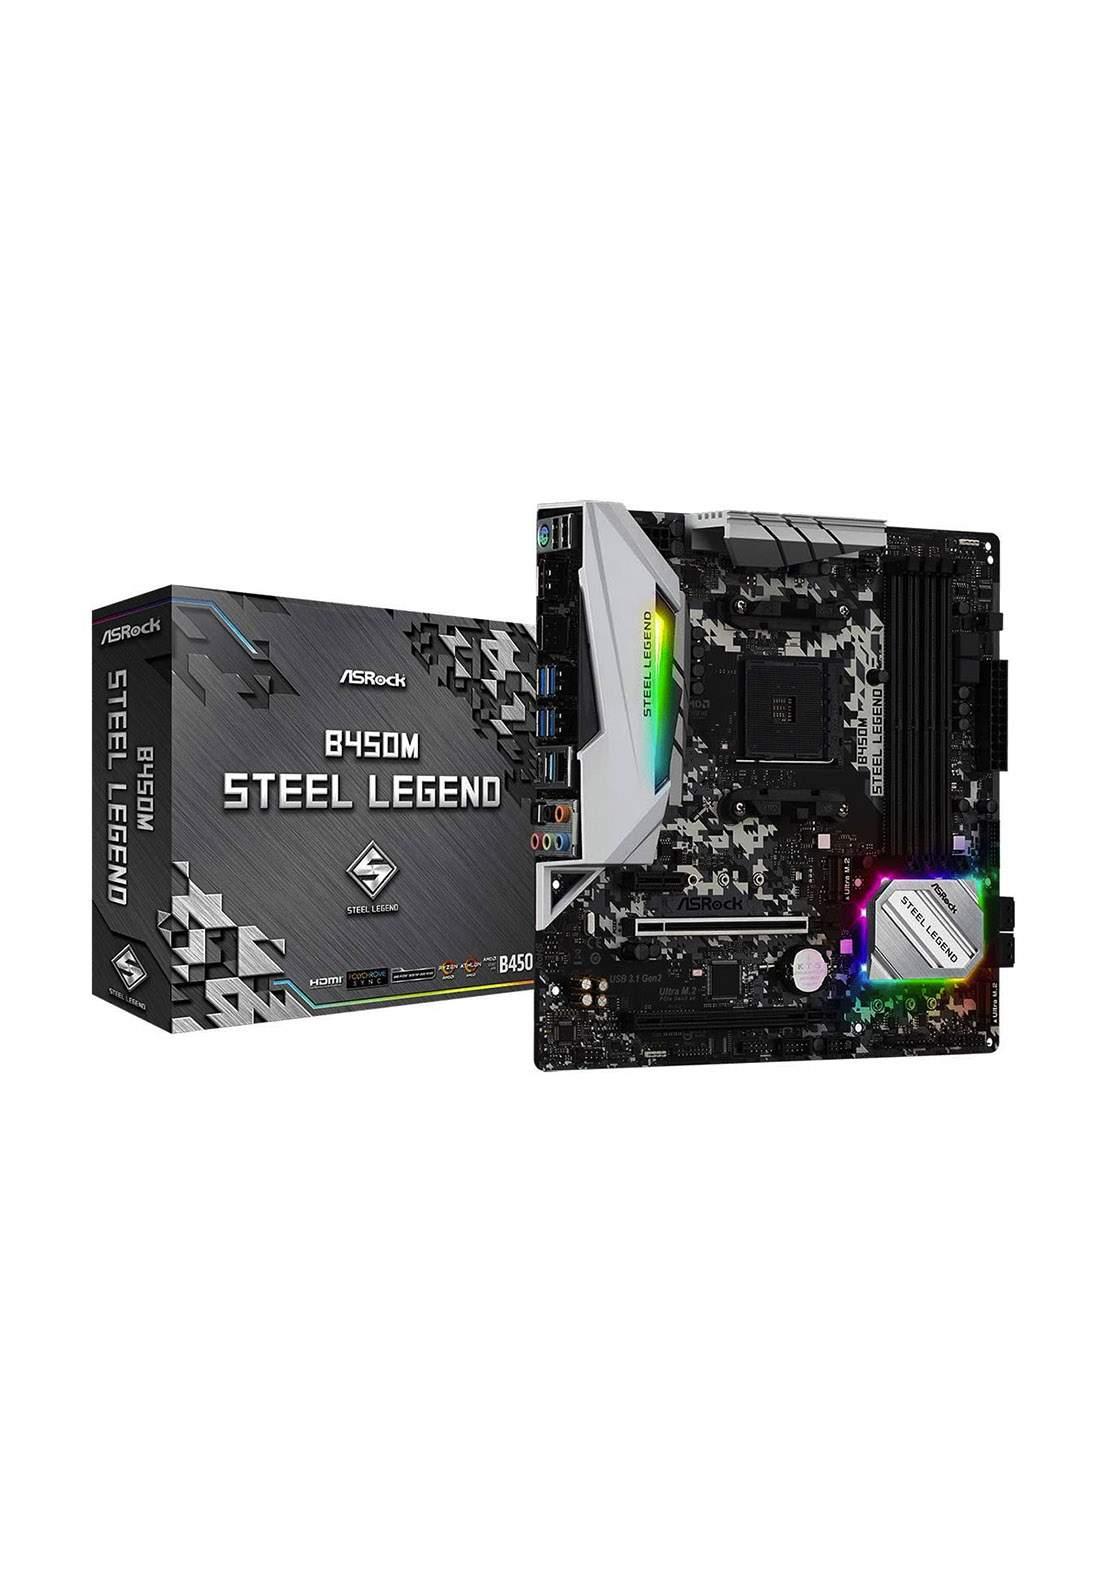 ASRock B450M Steel Legend AM4 AMD Motherboard  - Black لوحة الام